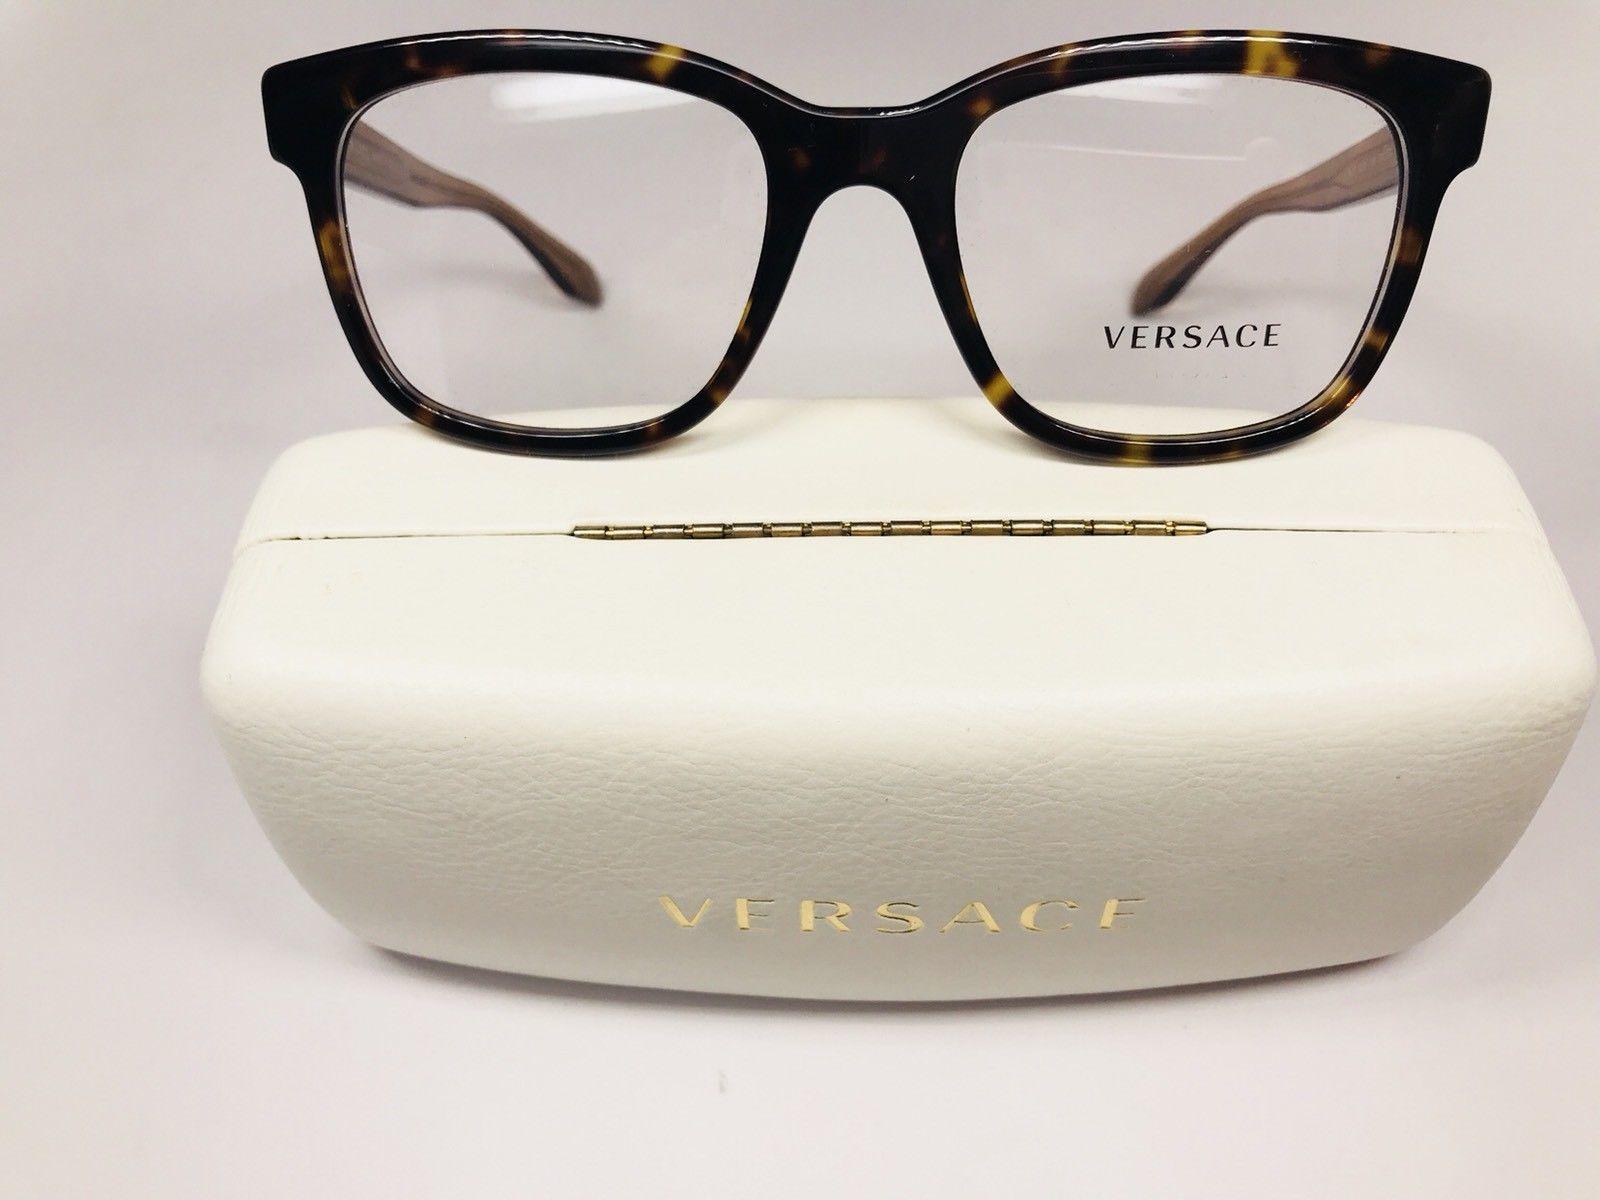 d1740e9466ab New Versace MOD 3239 108 Havana & Clear and 50 similar items